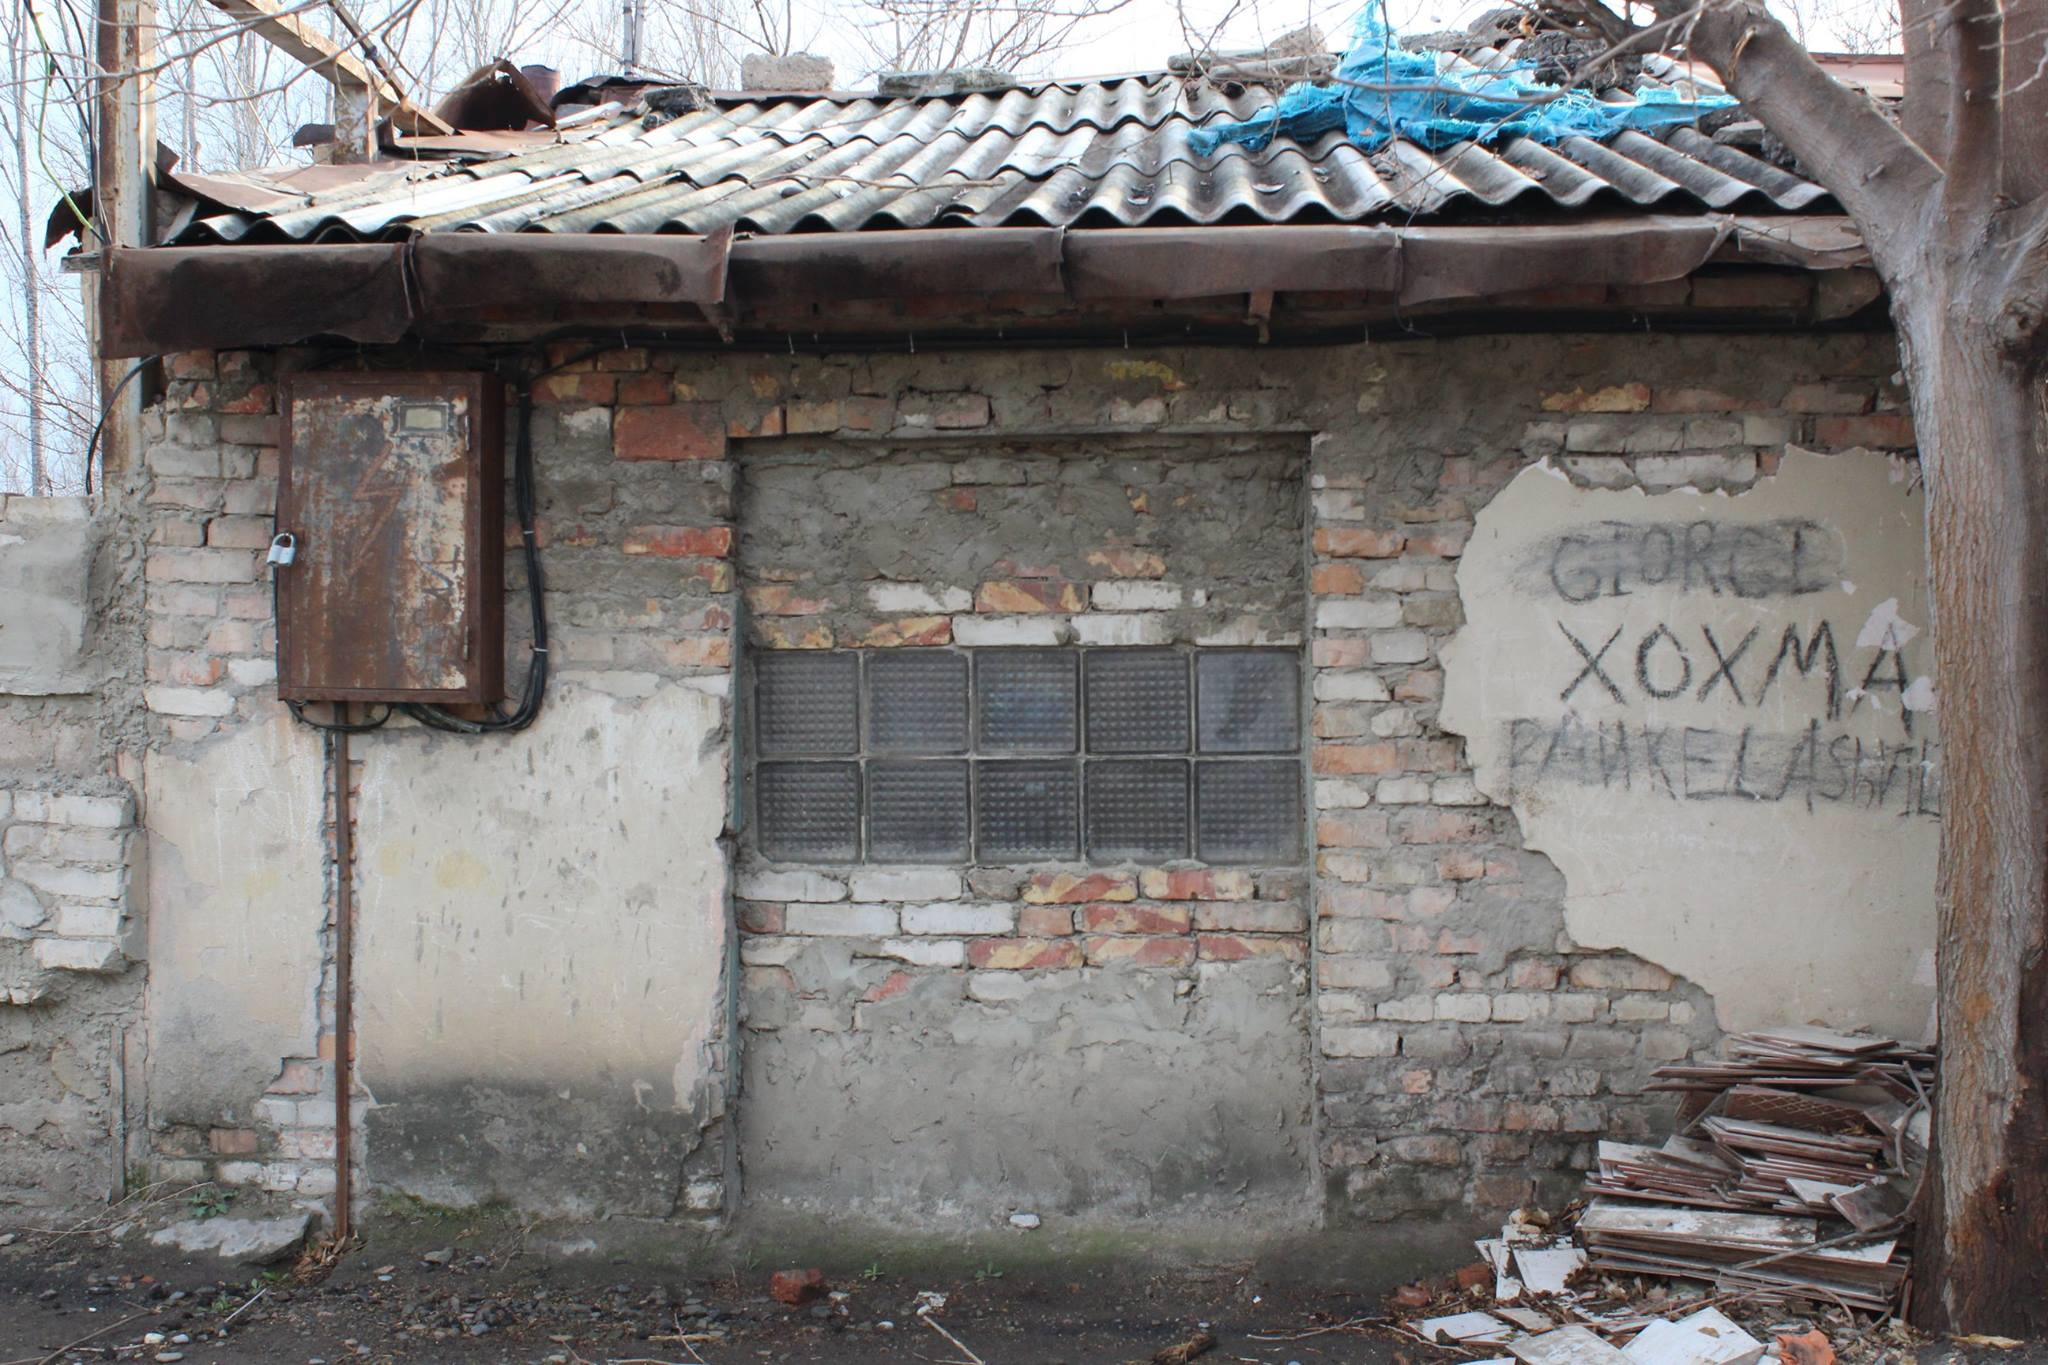 შენობების ნაწილი აზბესტის შიფერით არის გადახურული, რაც კიბოთი დაავადების რისკს ზრდის. ფოტო: გიორგი დიასამიძე/ნეტგაზეთი